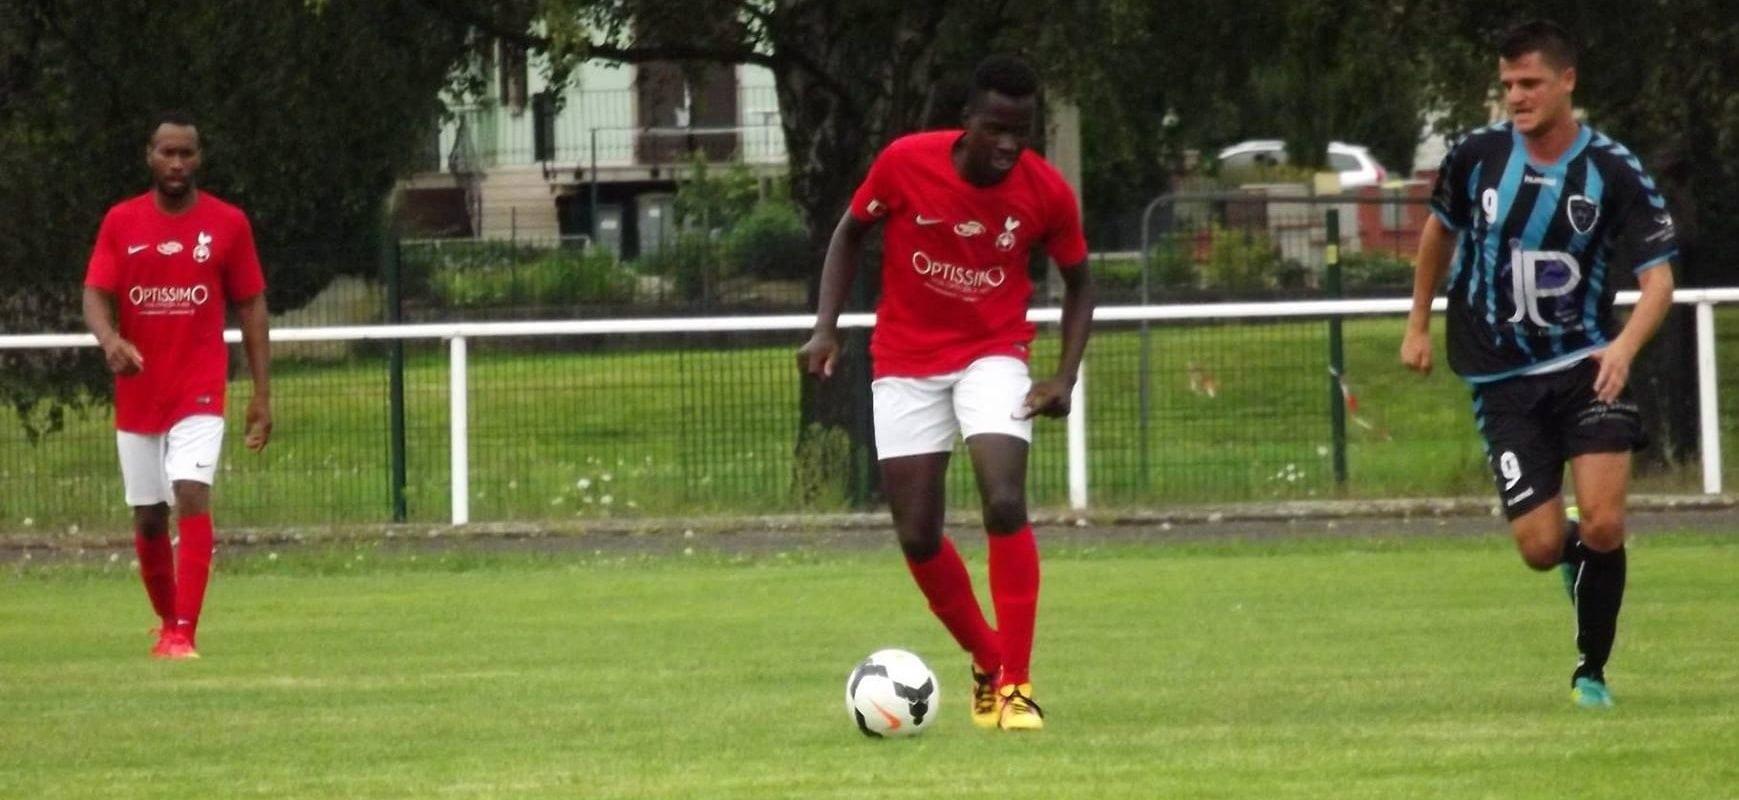 À Mackenheim, trois footballeurs noirs insultés et tabassés en plein match